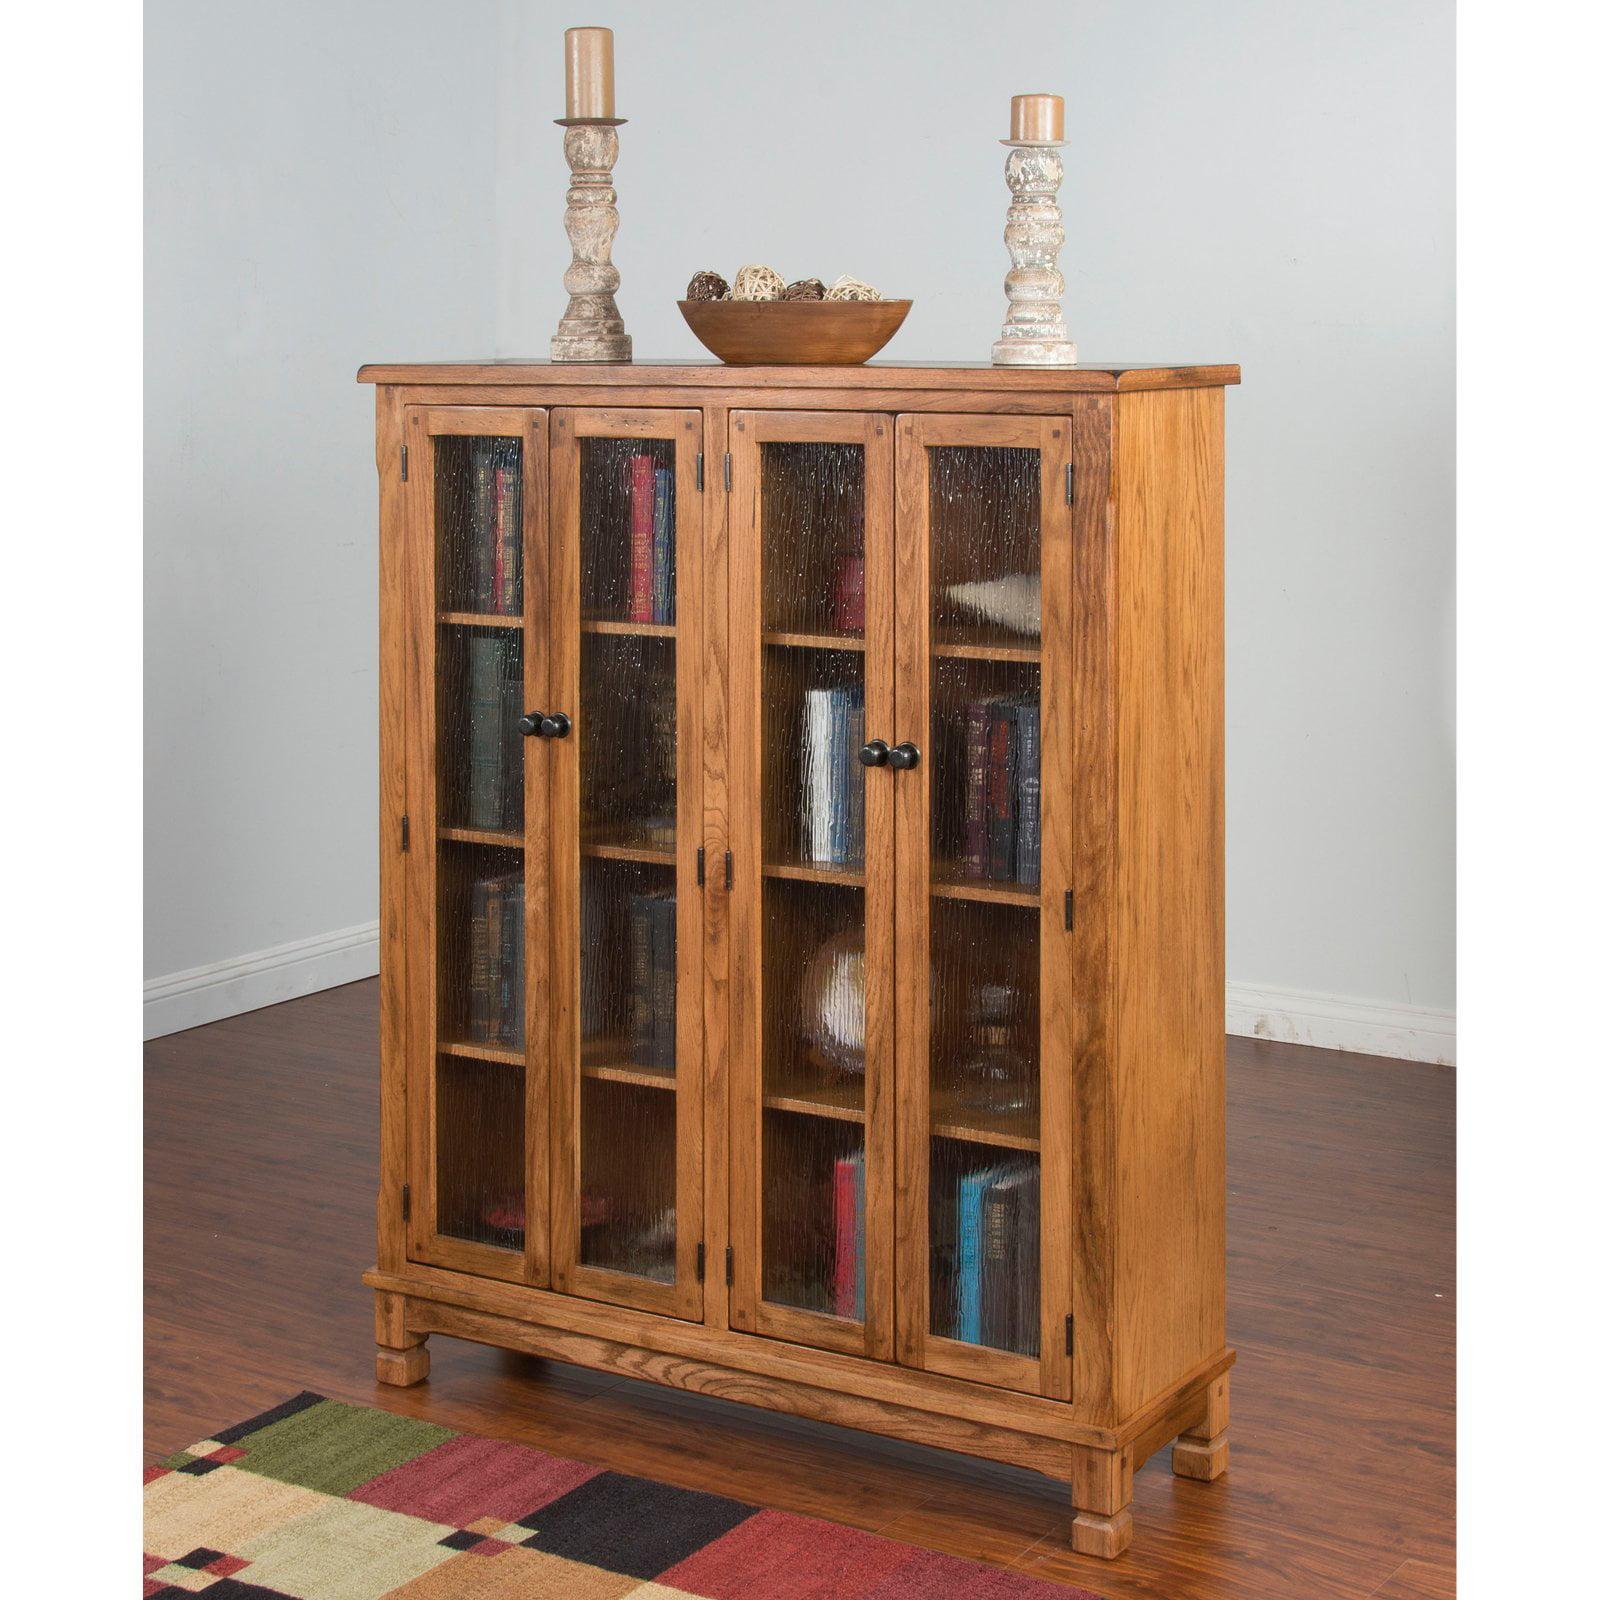 Sunny Designs Sedona 60 in. Bookcase - Rustic Oak